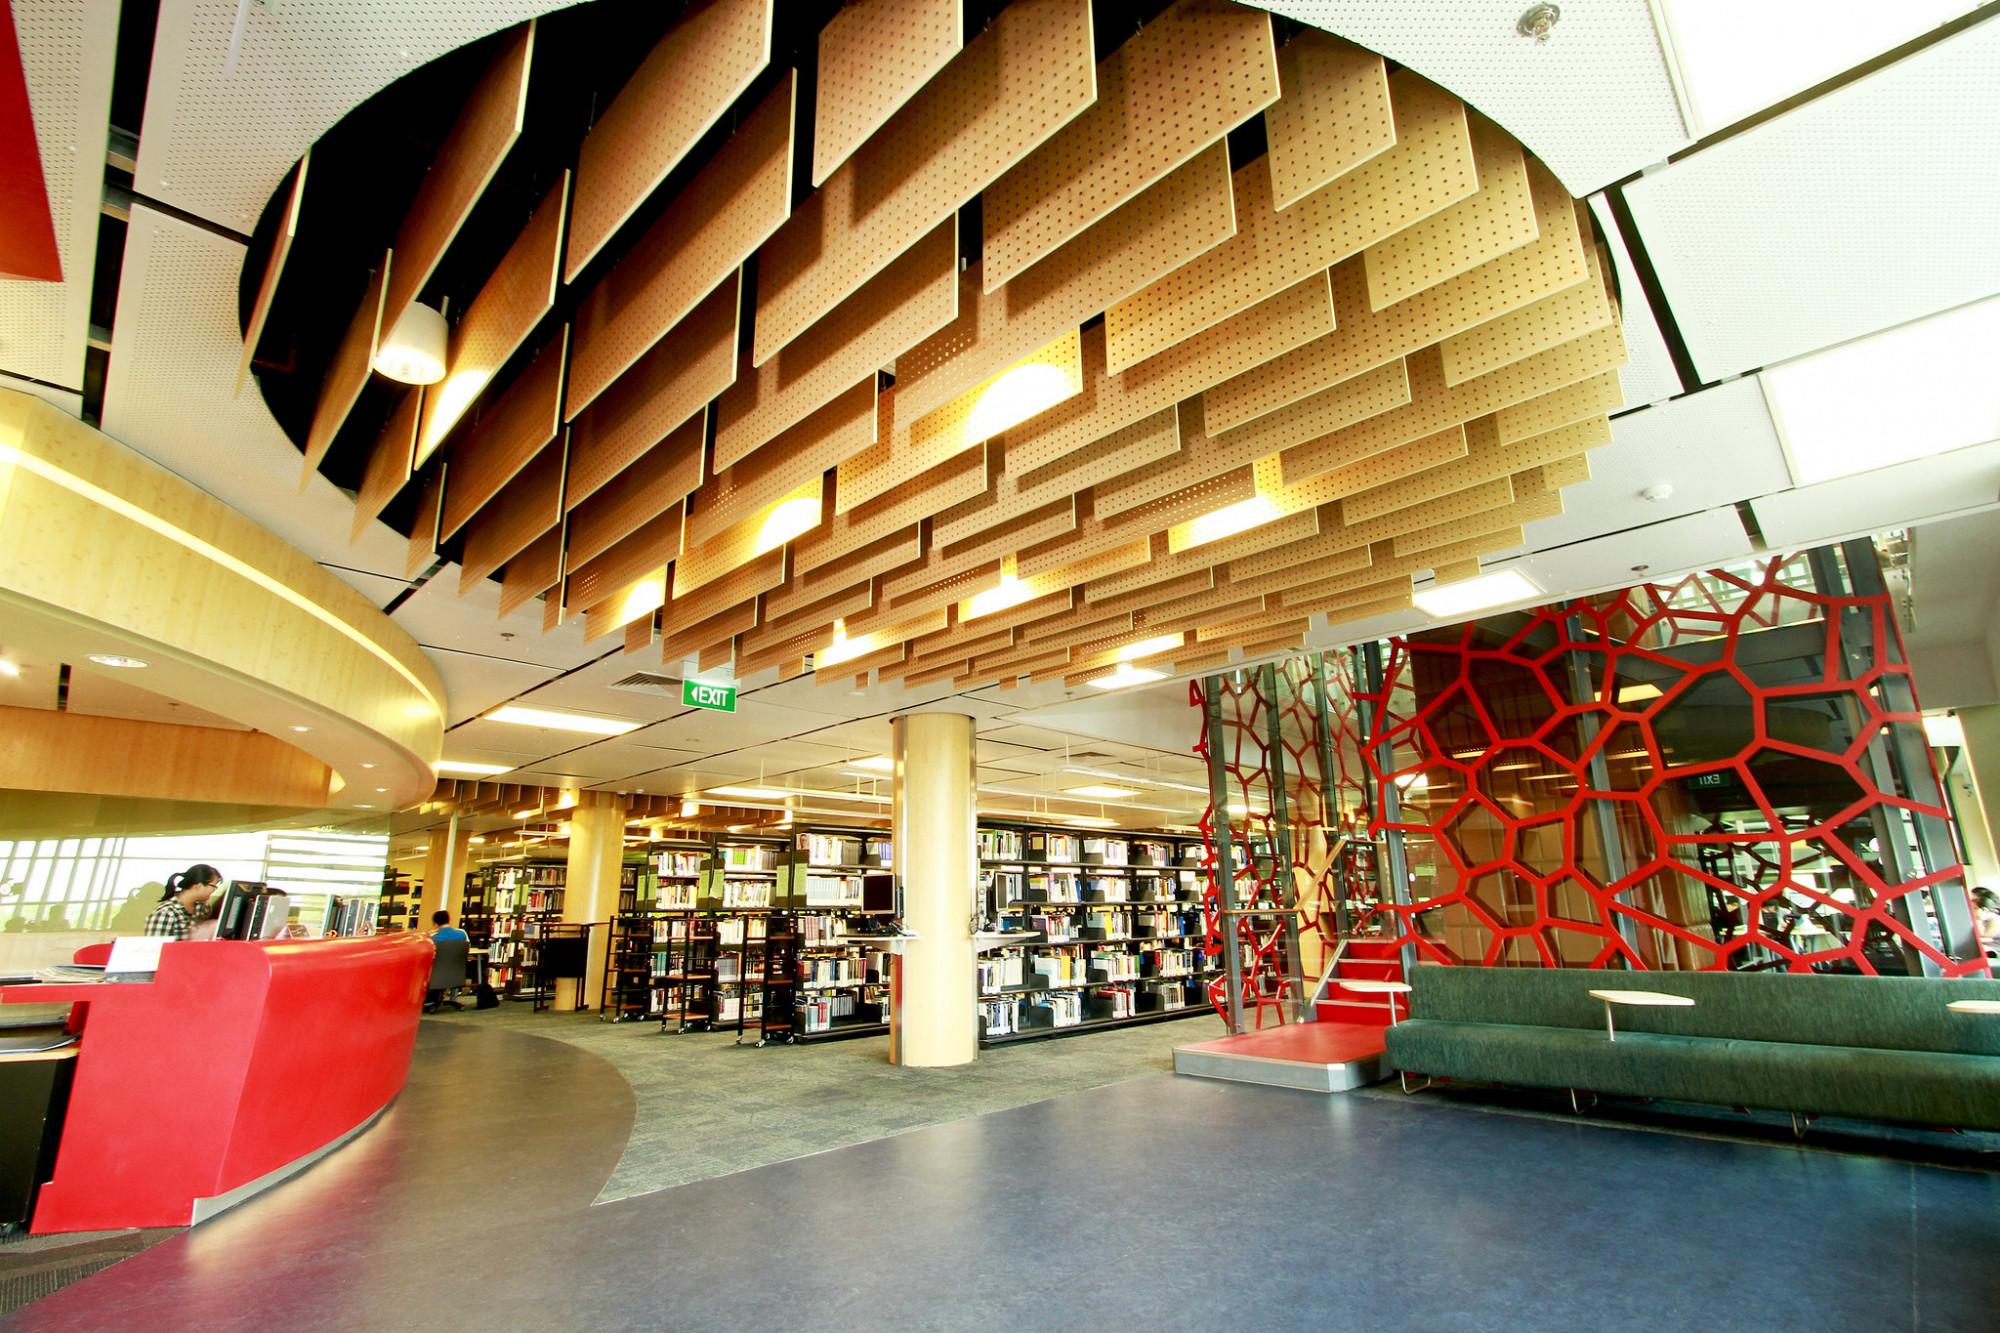 Choáng ngợp với không gian thư viện của trường quốc tế đến từ Úc